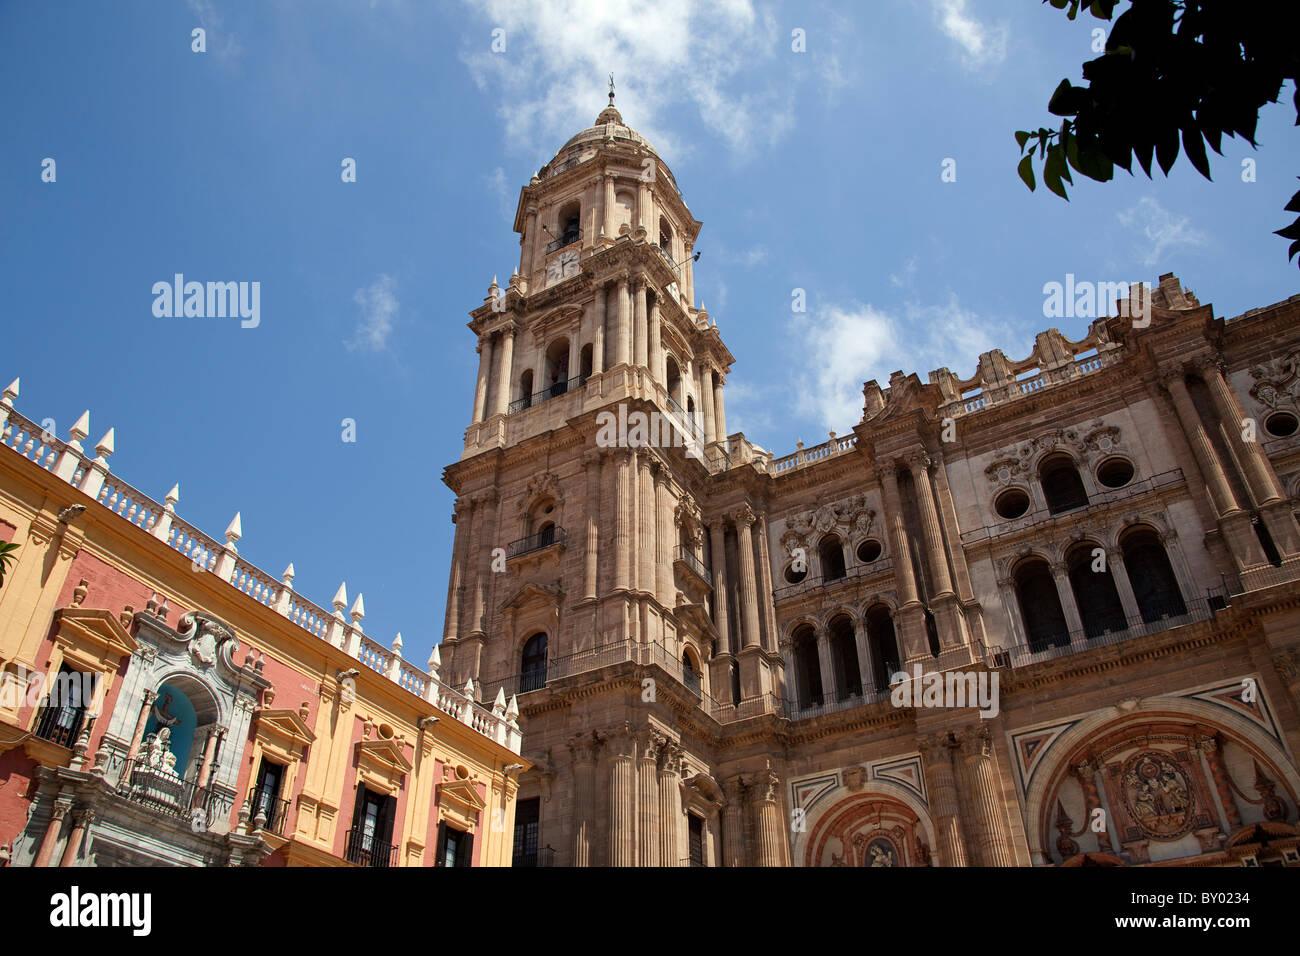 Palacio Episcopal y Catedral Málaga Andalucía España Episcopal Palace and Cathedral Andalusia Spain Stock Photo